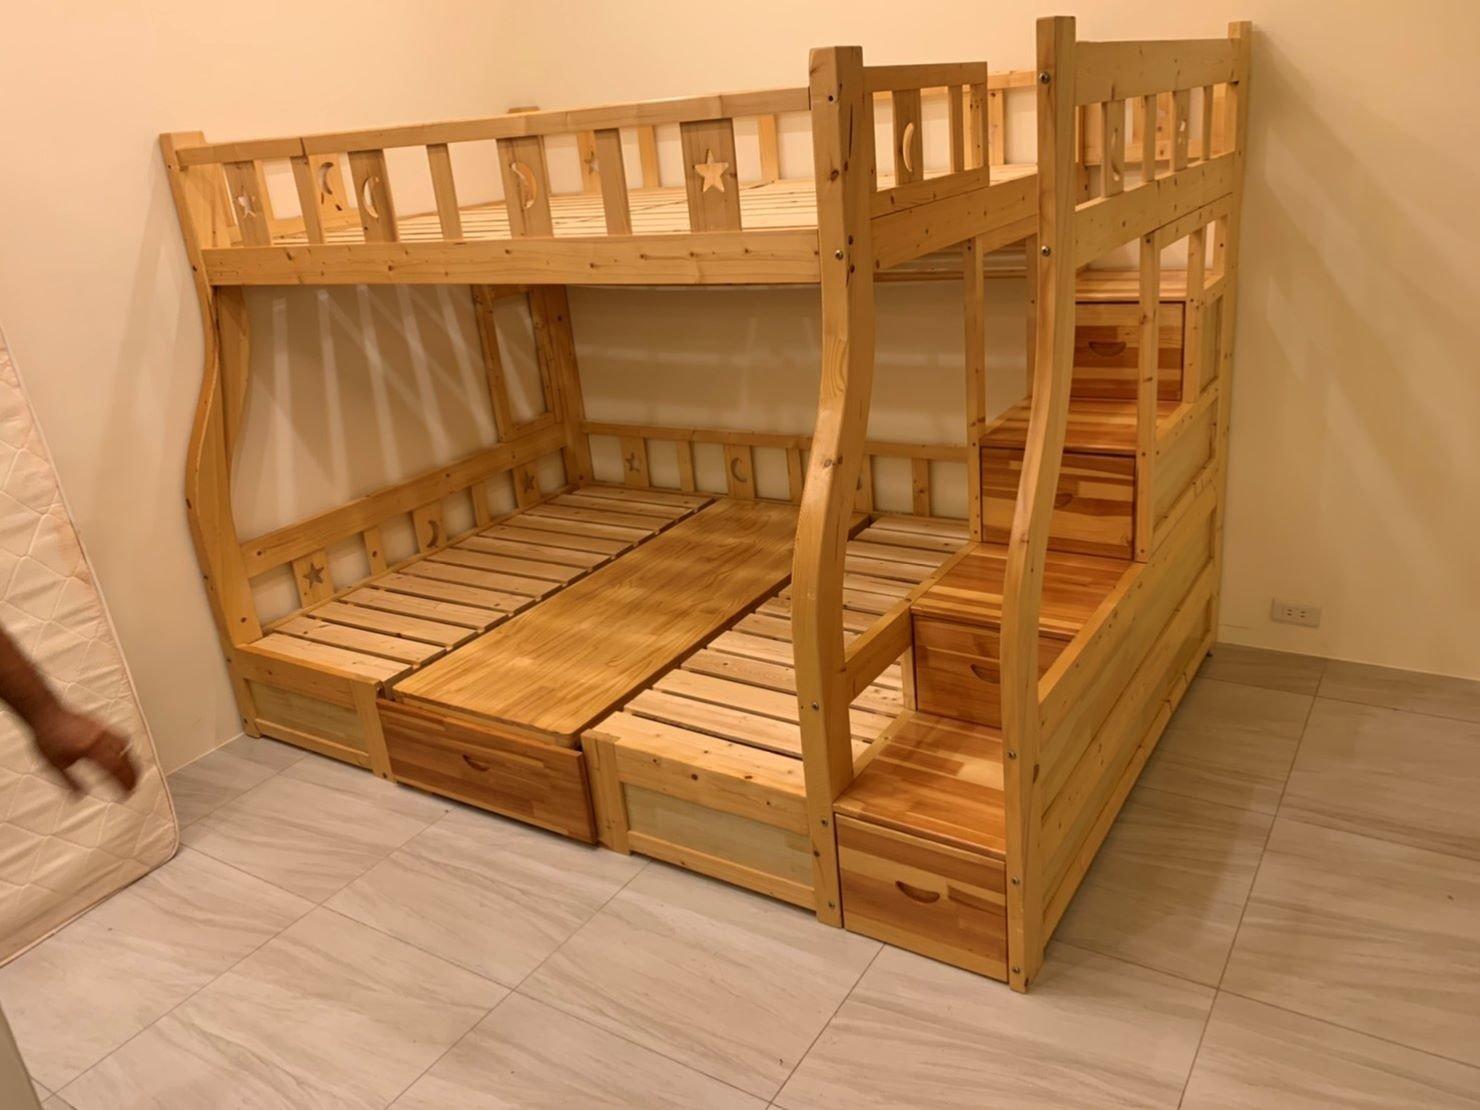 【榮福搬家公司】拆裝家具、口碑第一、台北搬家推薦:系統式家具拆裝找專業的榮福搬家就對了。